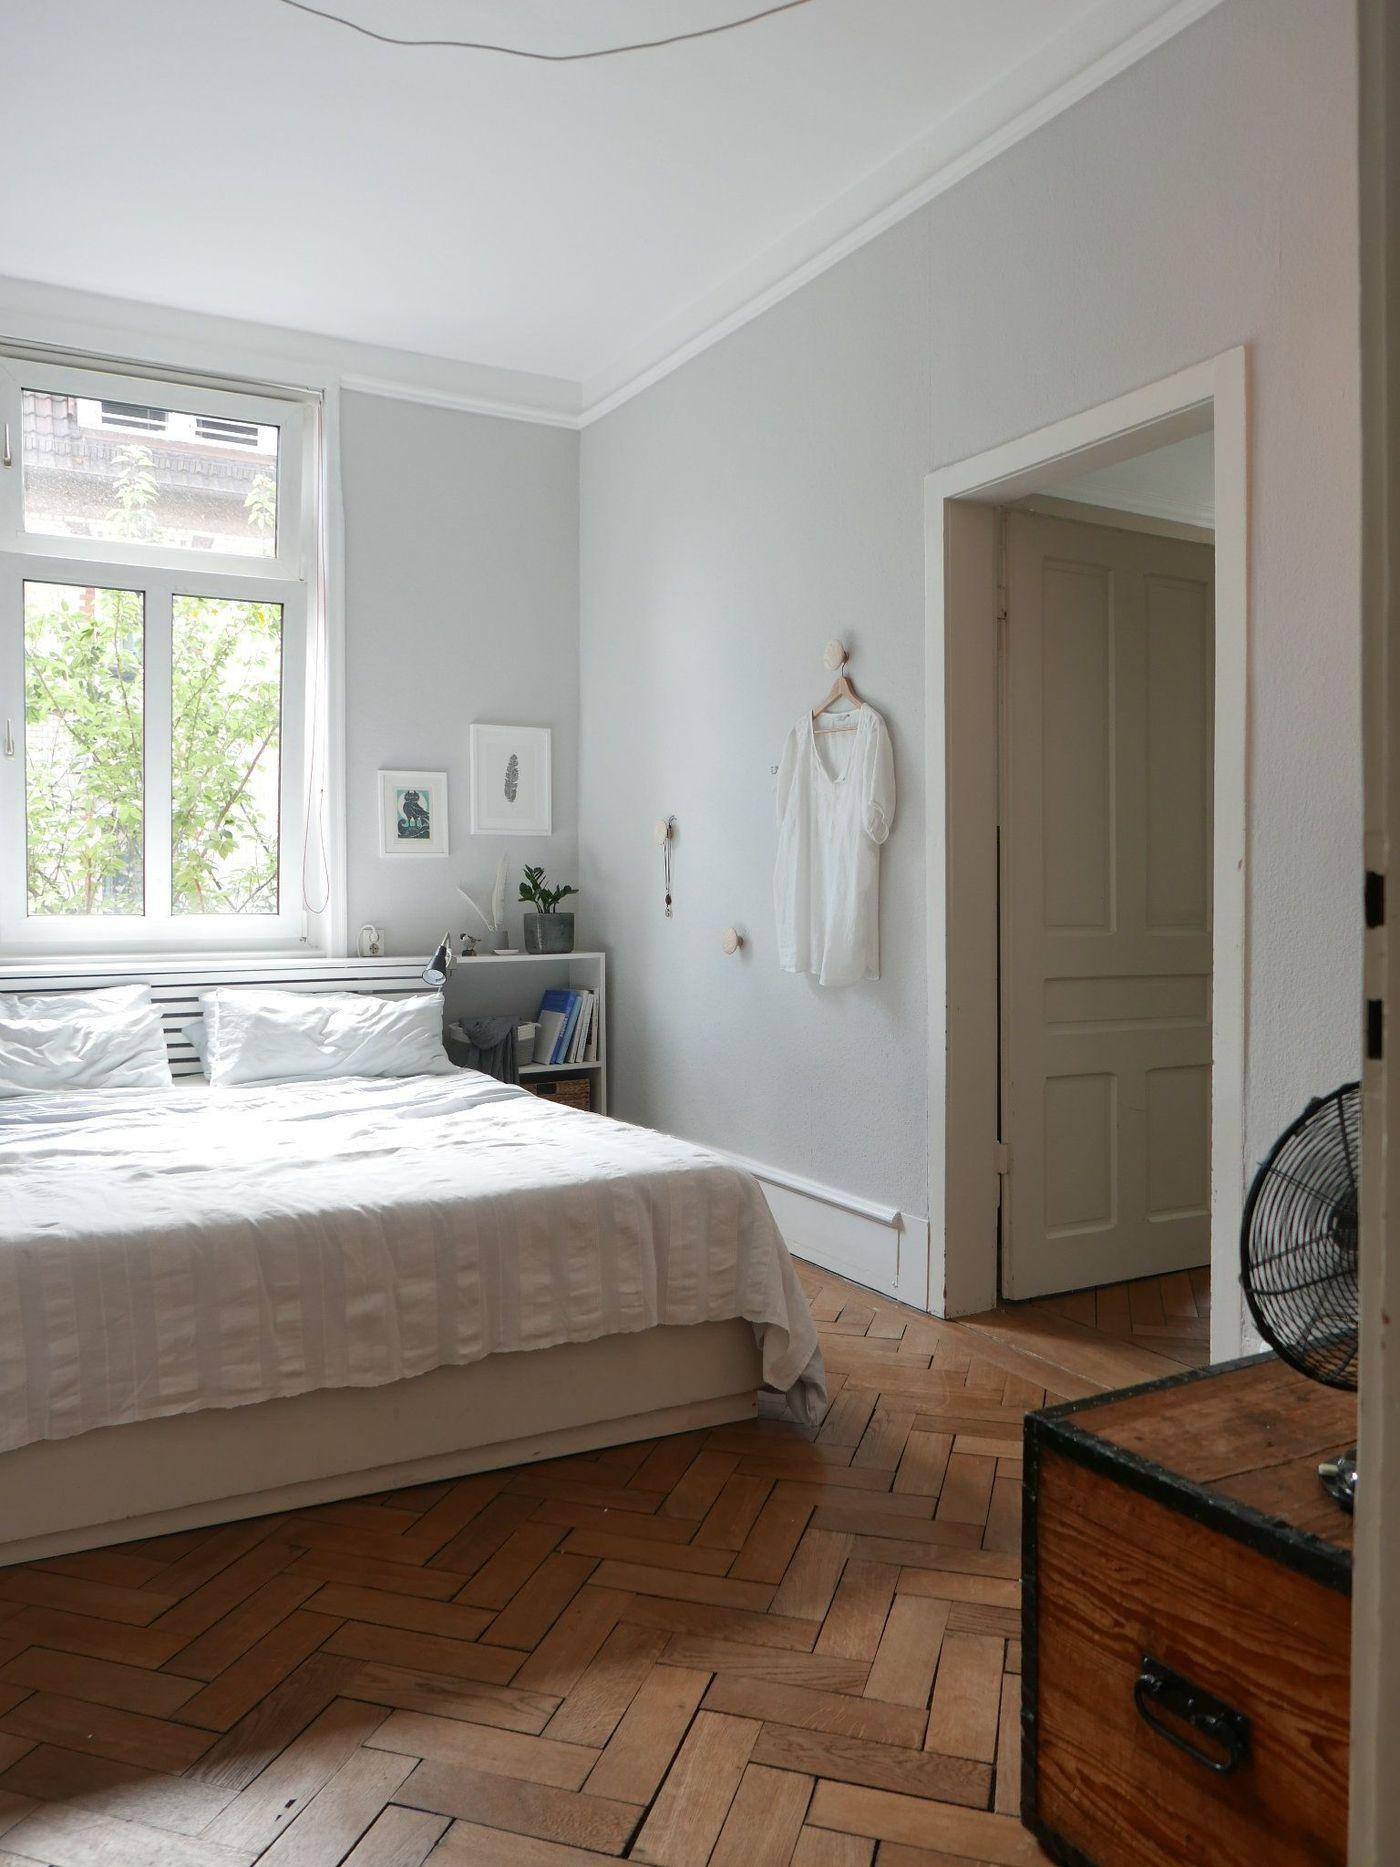 Wohnung Renovieren Tipps Amp Ideen